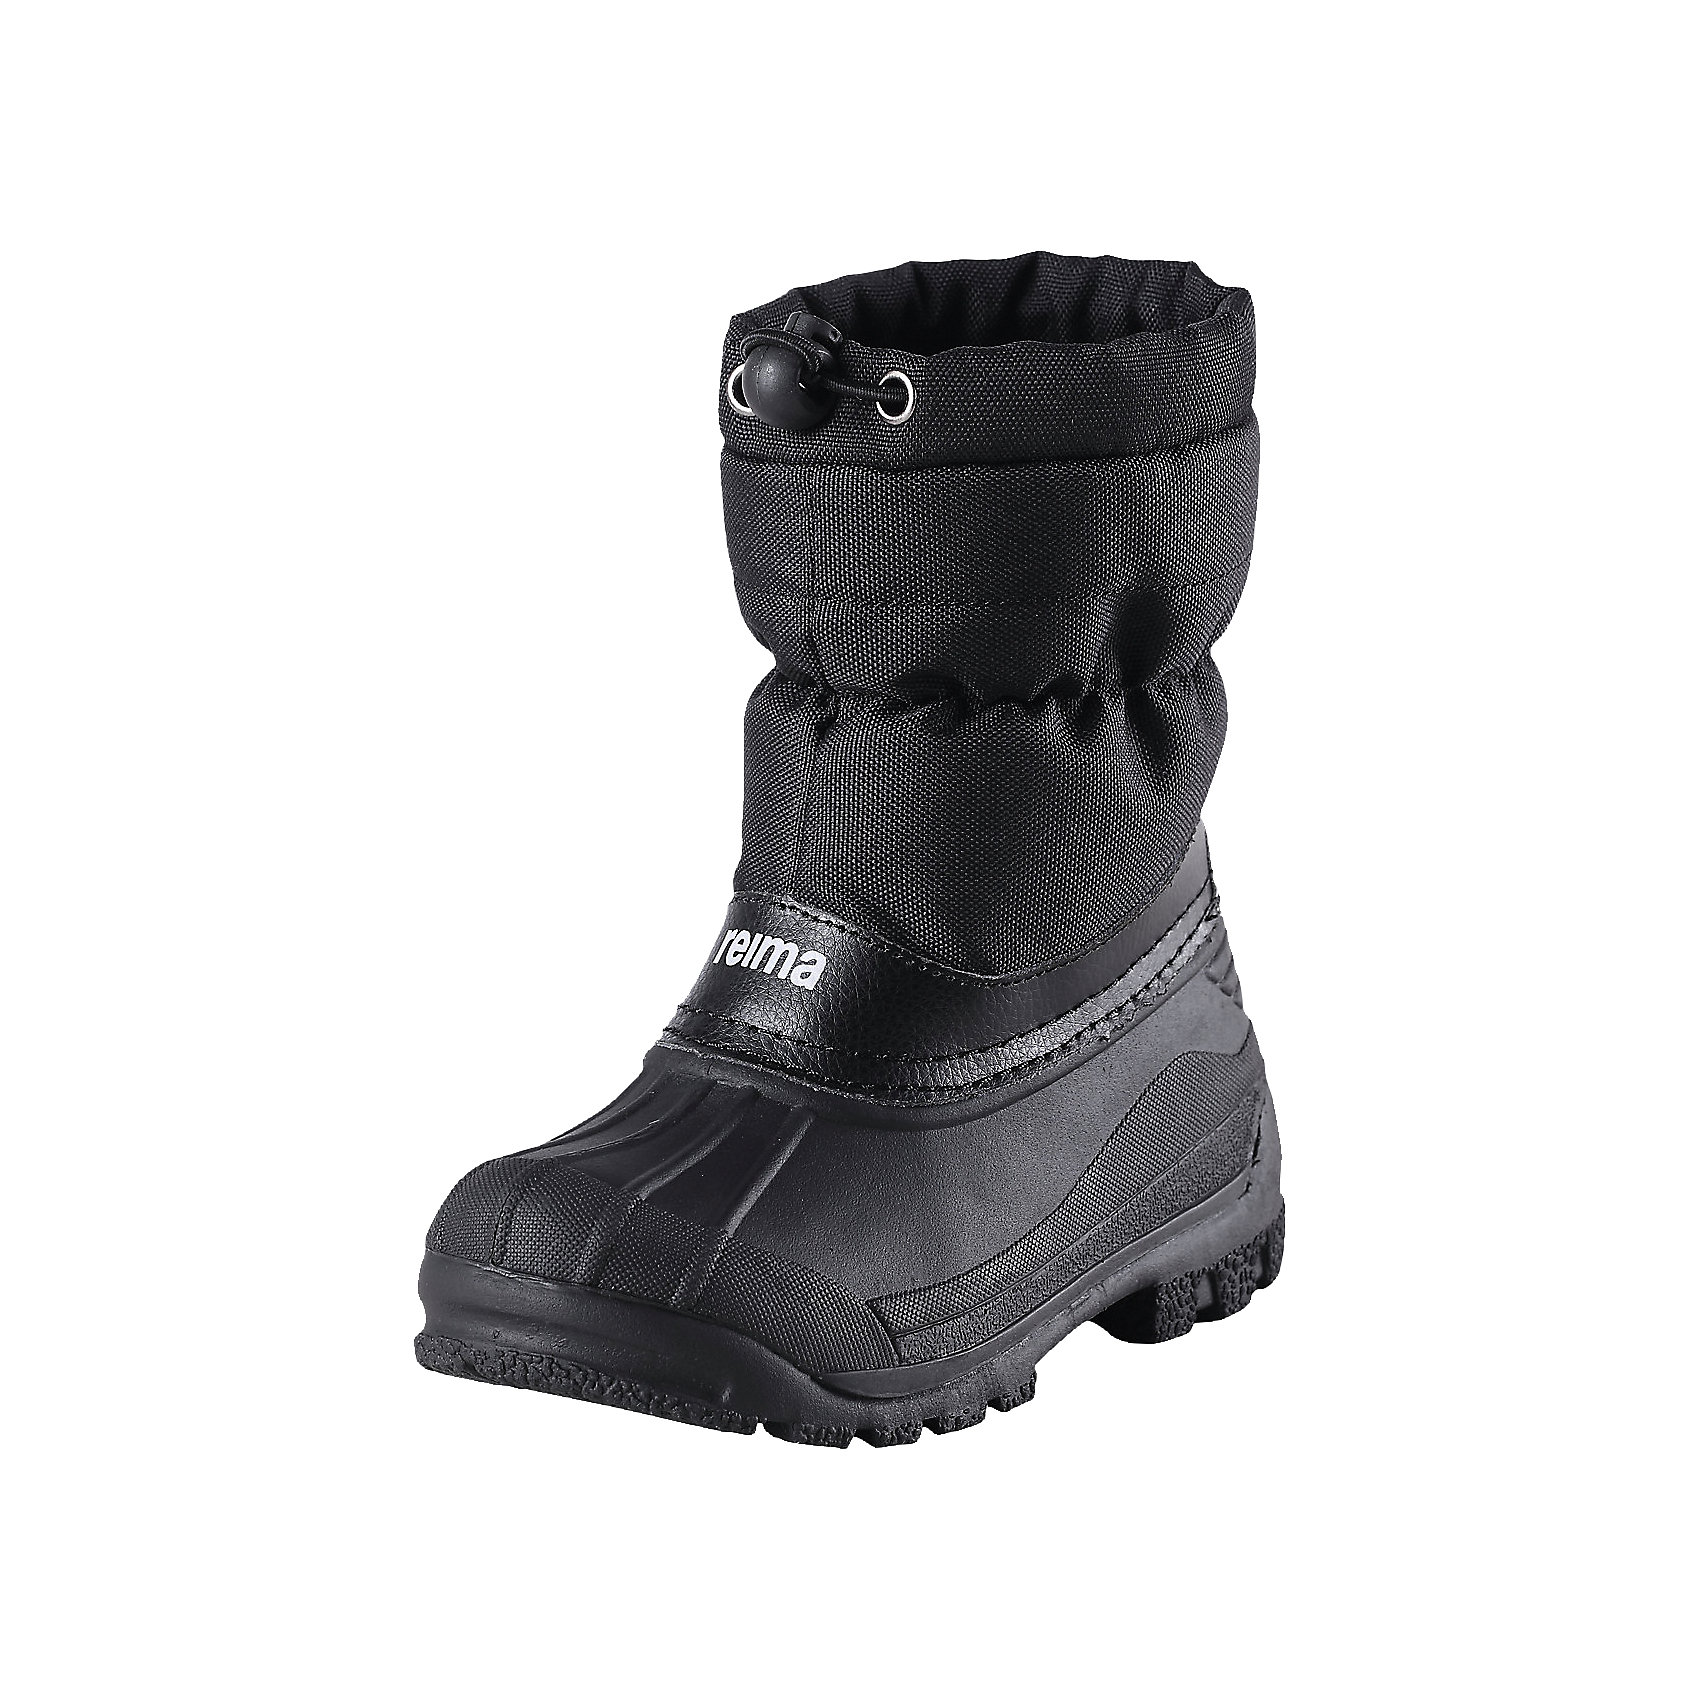 Зимние ботинки Nefar для мальчикаКлассические детские ботинки для снежной погоды от Reima® с подошвой из термопластичного каучука - очень популярная и надёжная зимняя обувь! Ботинки с утеплёнными голенищами великолепно подходят как для игр в снегу, так и для слякотных дождливых дней, потому что галошная часть изготовлена из совершенно водонепроницаемого и прочного термопластичного каучука. Обратите внимание, на рифлёный узор на внешней стороне подошвы спереди каблука: это поможет предотвратить изнашивание штрипок комбинезонов и брюк. Тёплая подкладка из текстиля согреет маленькие ножки во время зимних прогулок по морозу. Ботики легко и быстро надеваются, имеется блокировка от снега на голенище. Благодаря светоотражающей детали на заднике вы сможете видеть ребёнка в темноте.<br><br>Зимние ботинки для мальчика от финской марки Reima.<br>*Классические детские ботики от Reima®<br>*Модель легко надевается <br>*Водоотталкивающий верх из текстиля <br>*Блокировка от снега на голенище <br>*Область галош из термопластичного каучука <br>*Светоотражающая деталь на заднике<br>Состав:<br>Подошва: термопластичная резина, Верх: Полиэстер<br>Средняя степень утепления (до - 20)<br><br>Зимние ботинки для мальчика можно купить в нашем магазине.<br><br>Ширина мм: 262<br>Глубина мм: 176<br>Высота мм: 97<br>Вес г: 427<br>Цвет: черный<br>Возраст от месяцев: 24<br>Возраст до месяцев: 24<br>Пол: Мужской<br>Возраст: Детский<br>Размер: 25,32,27,35,33,31,30,34,29,28,26,24<br>SKU: 4193937